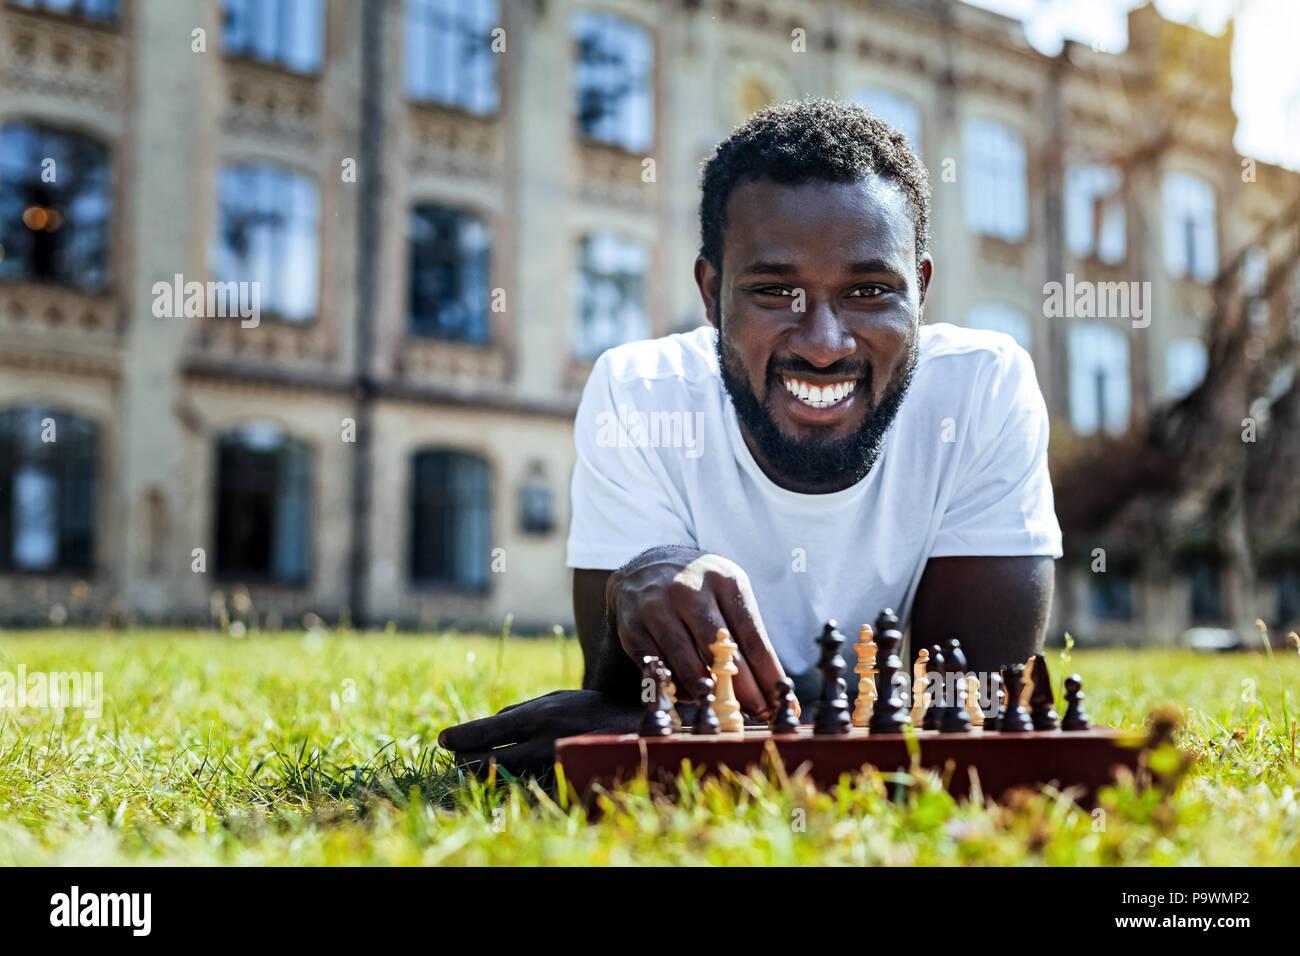 Strahlende junge Herr Schach spielen im Freien Stockbild